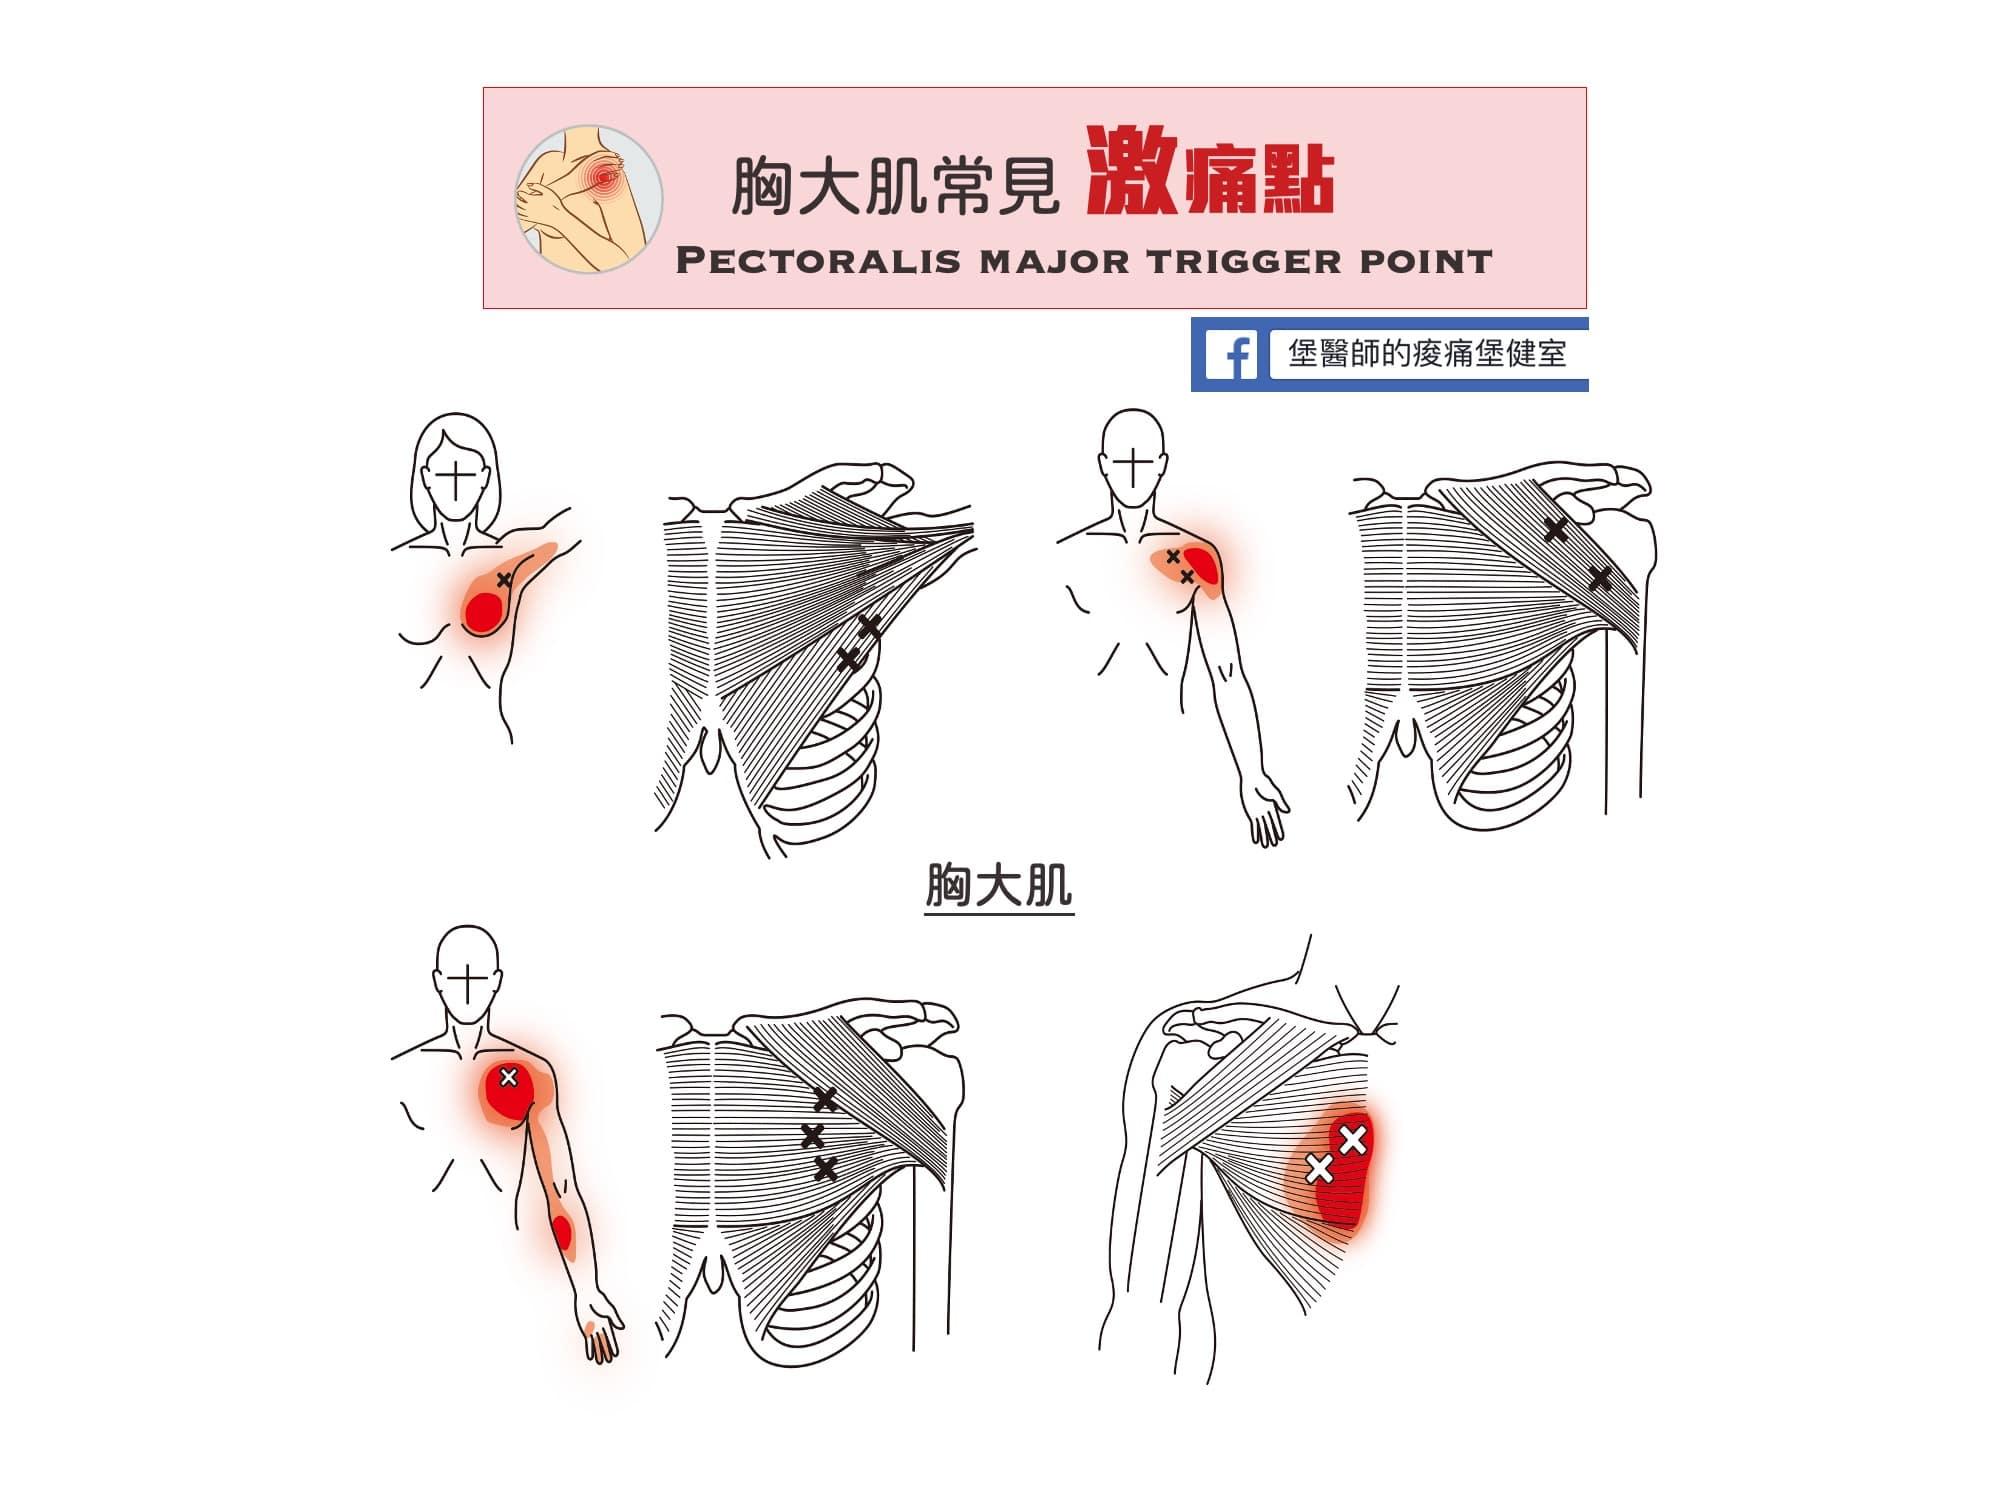 肩膀胸部痛-胸大肌常見激痛點